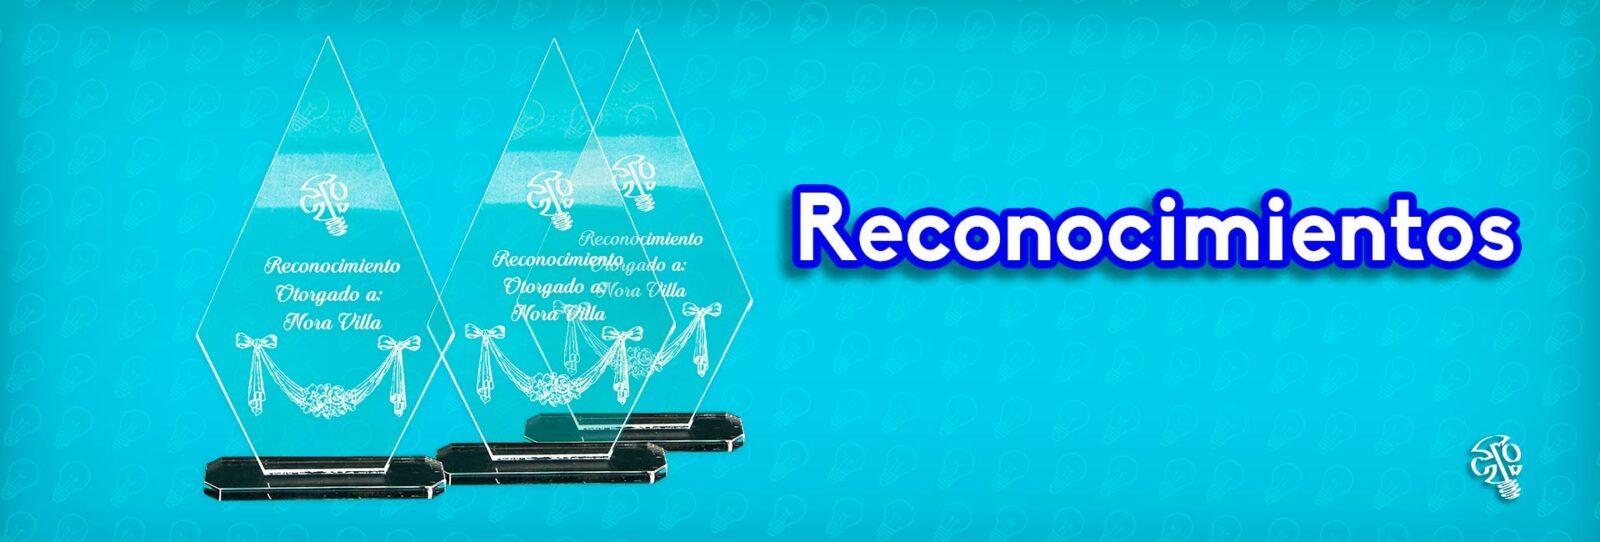 b_7_Eventos_reconocimientos